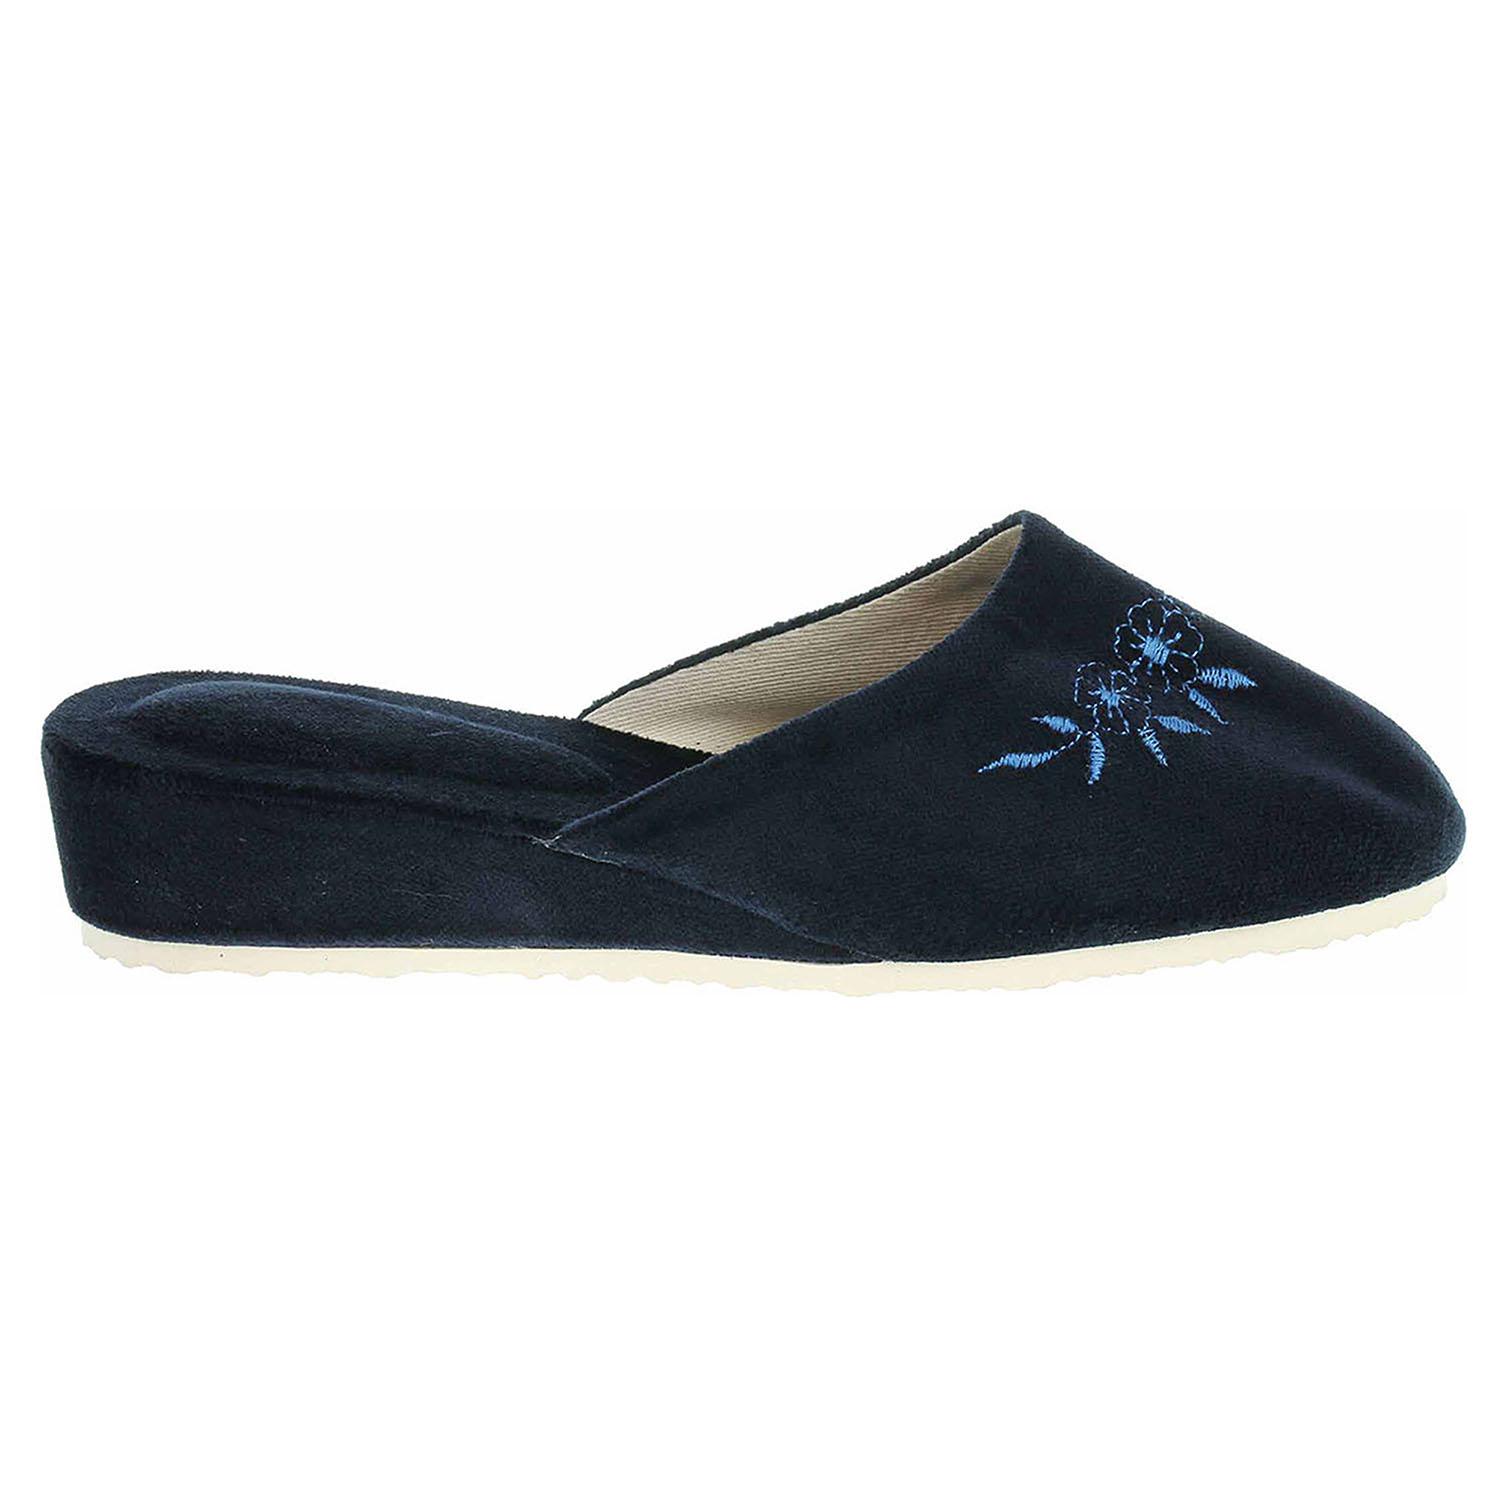 Dámské domácí pantofle 1028.00 modré 41